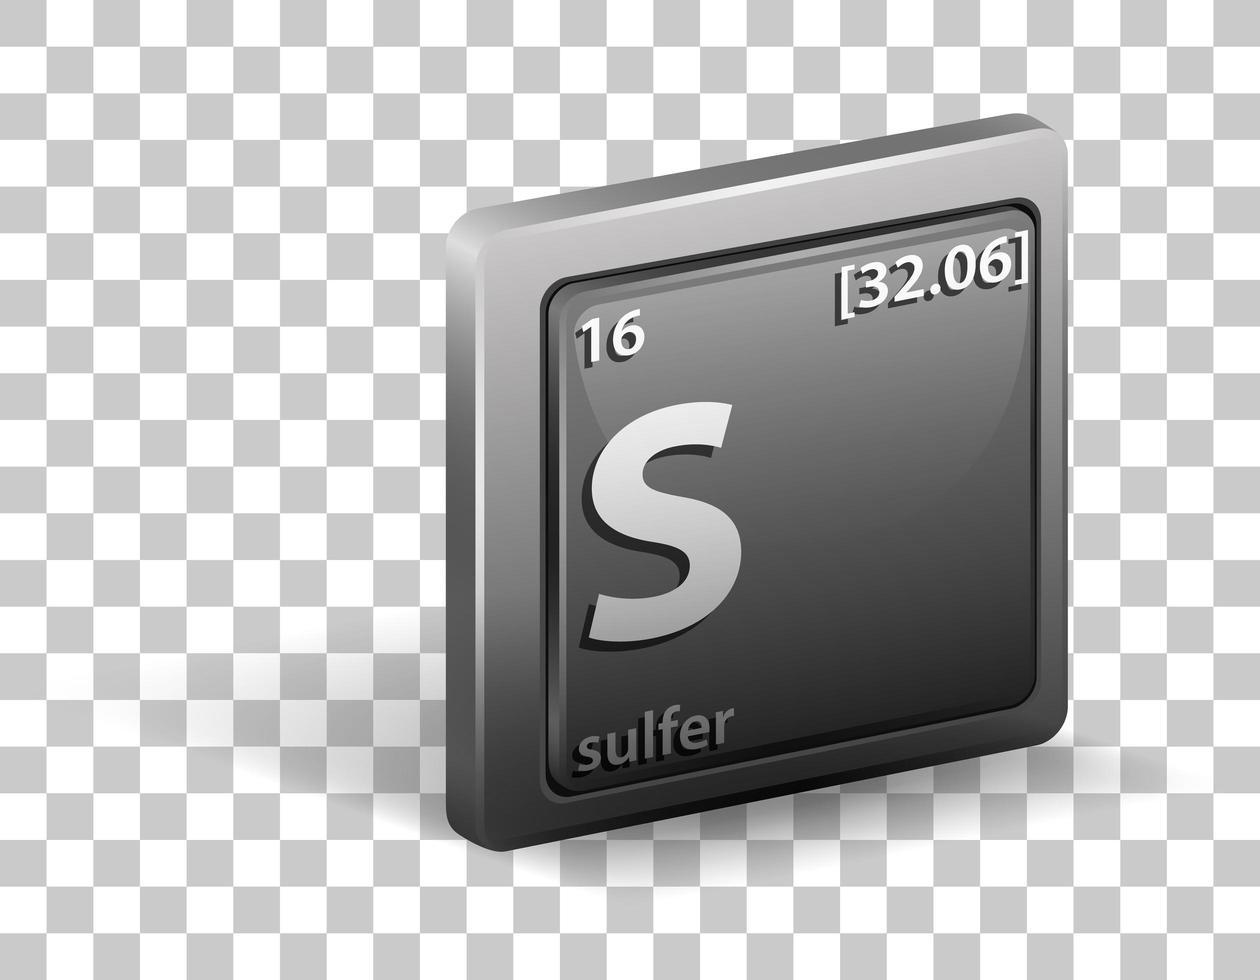 élément chimique sulfer. symbole chimique avec numéro atomique et masse atomique. vecteur